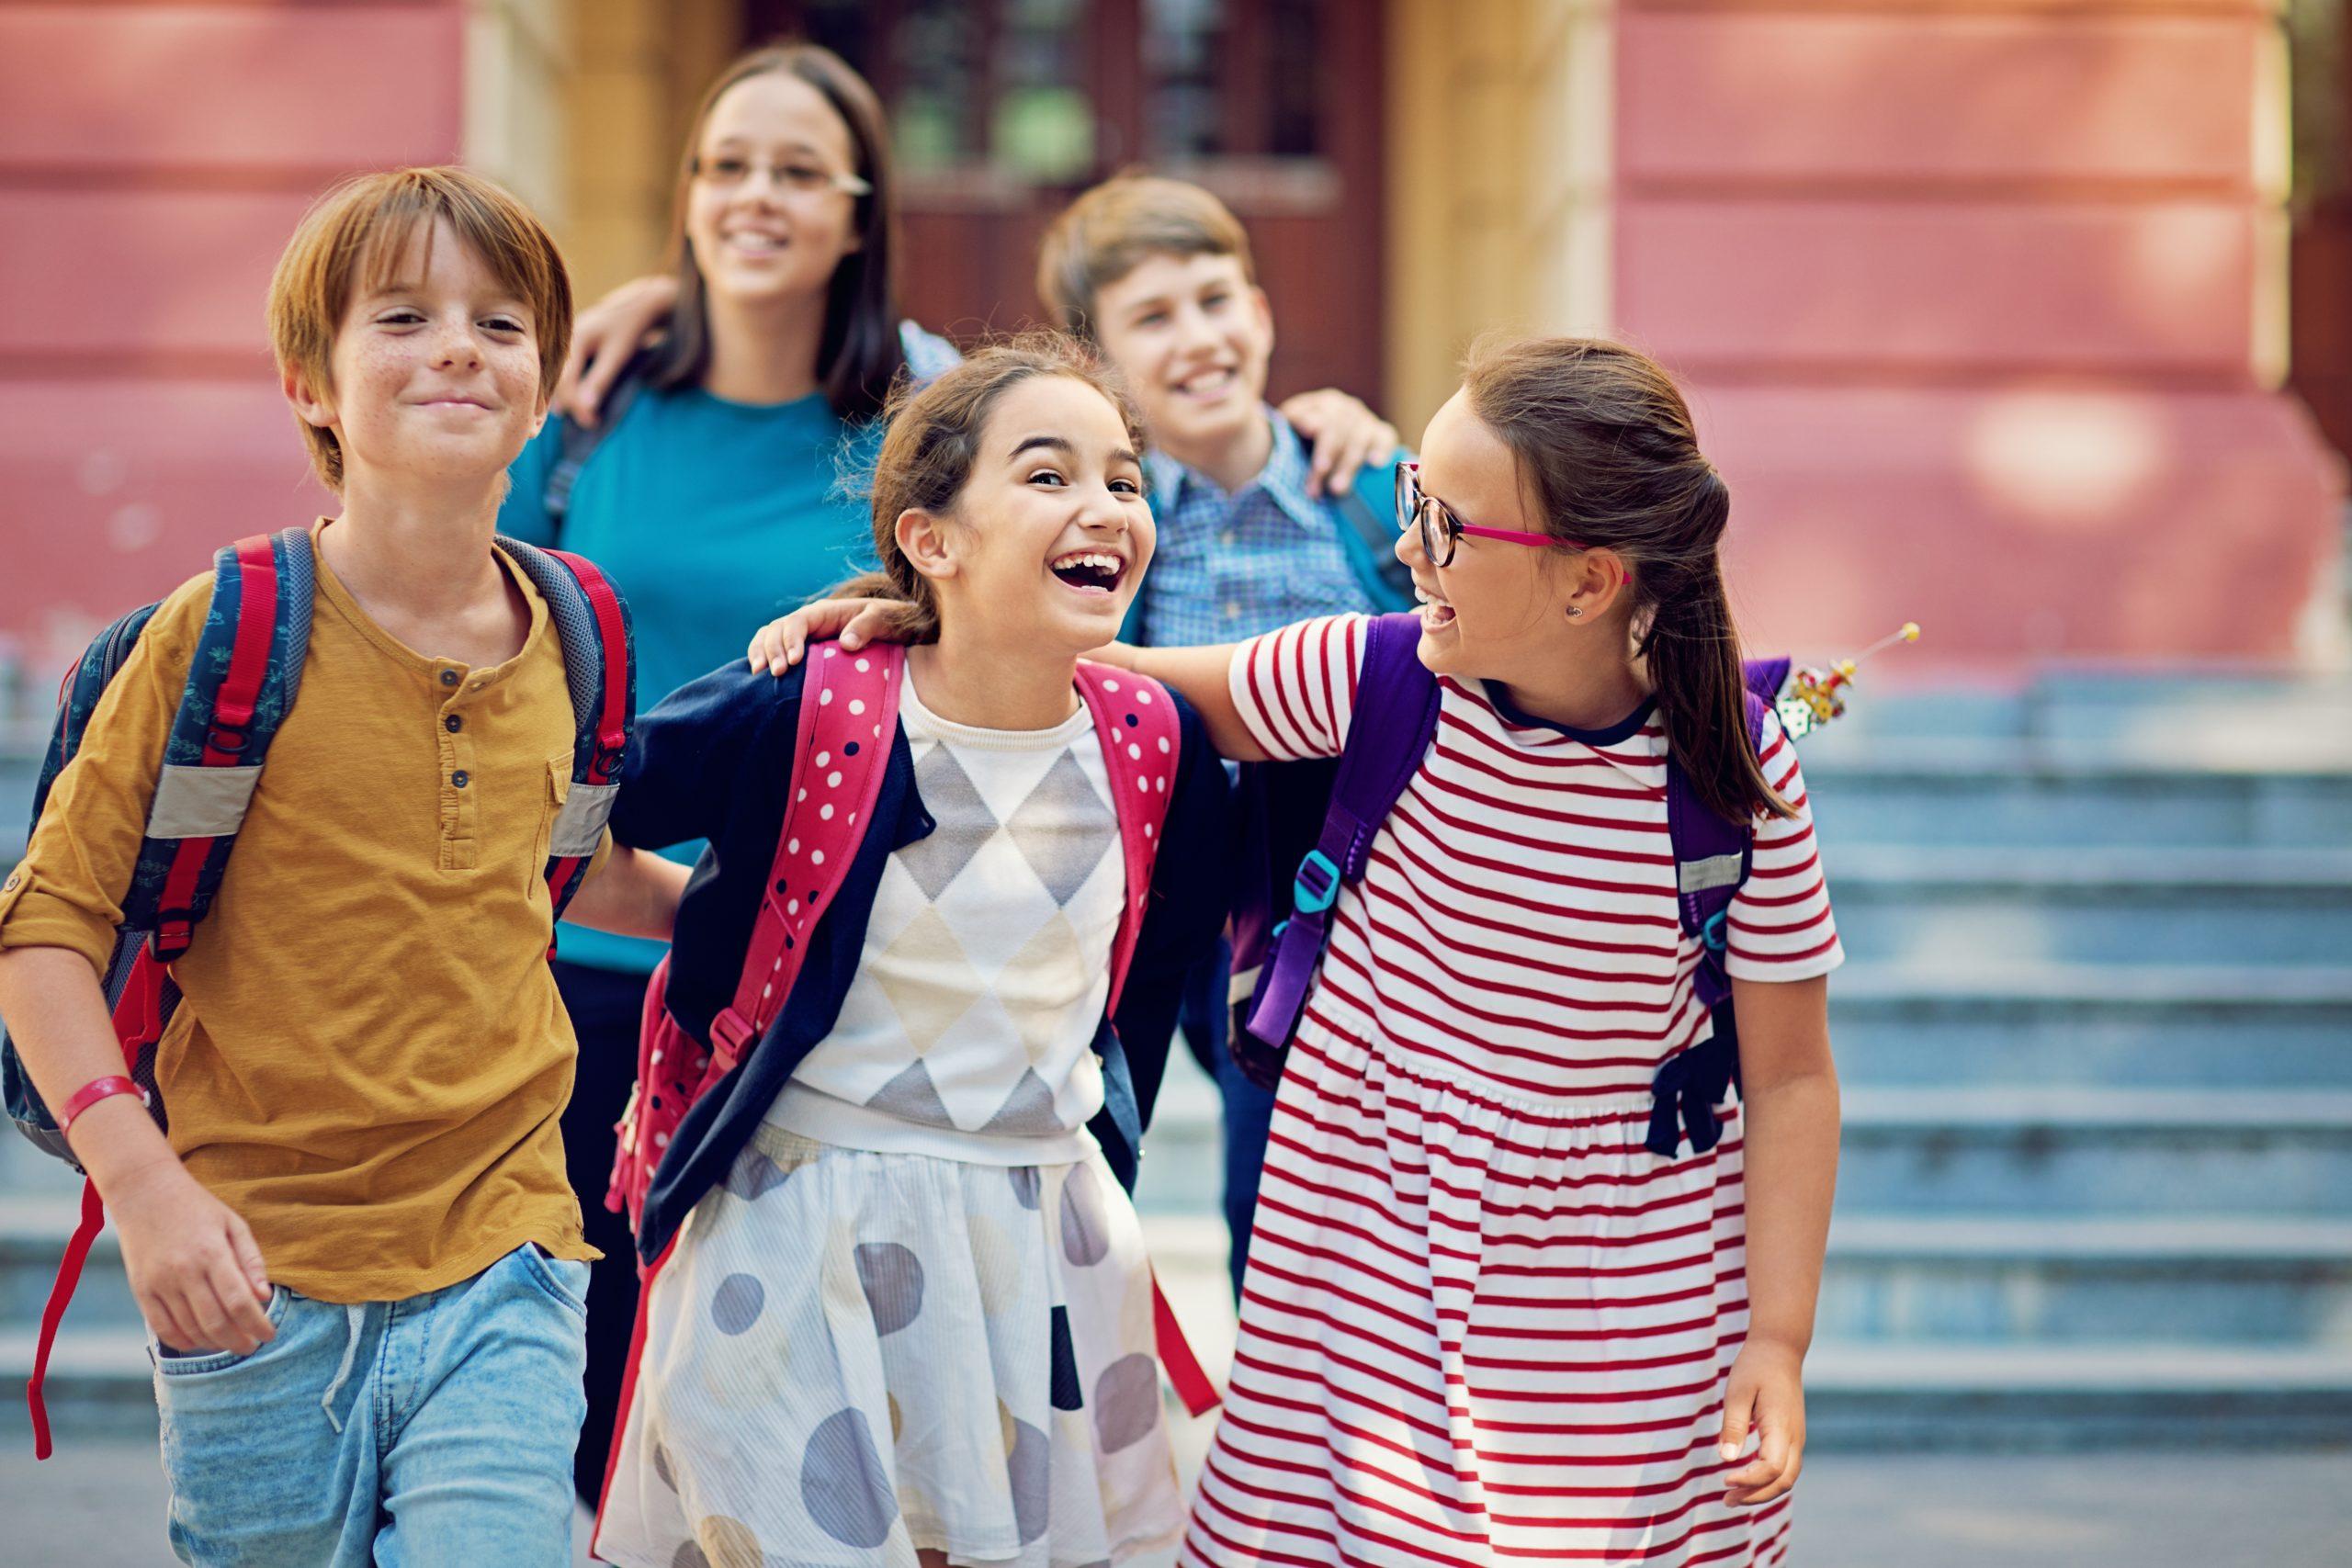 škola, školní den, děti